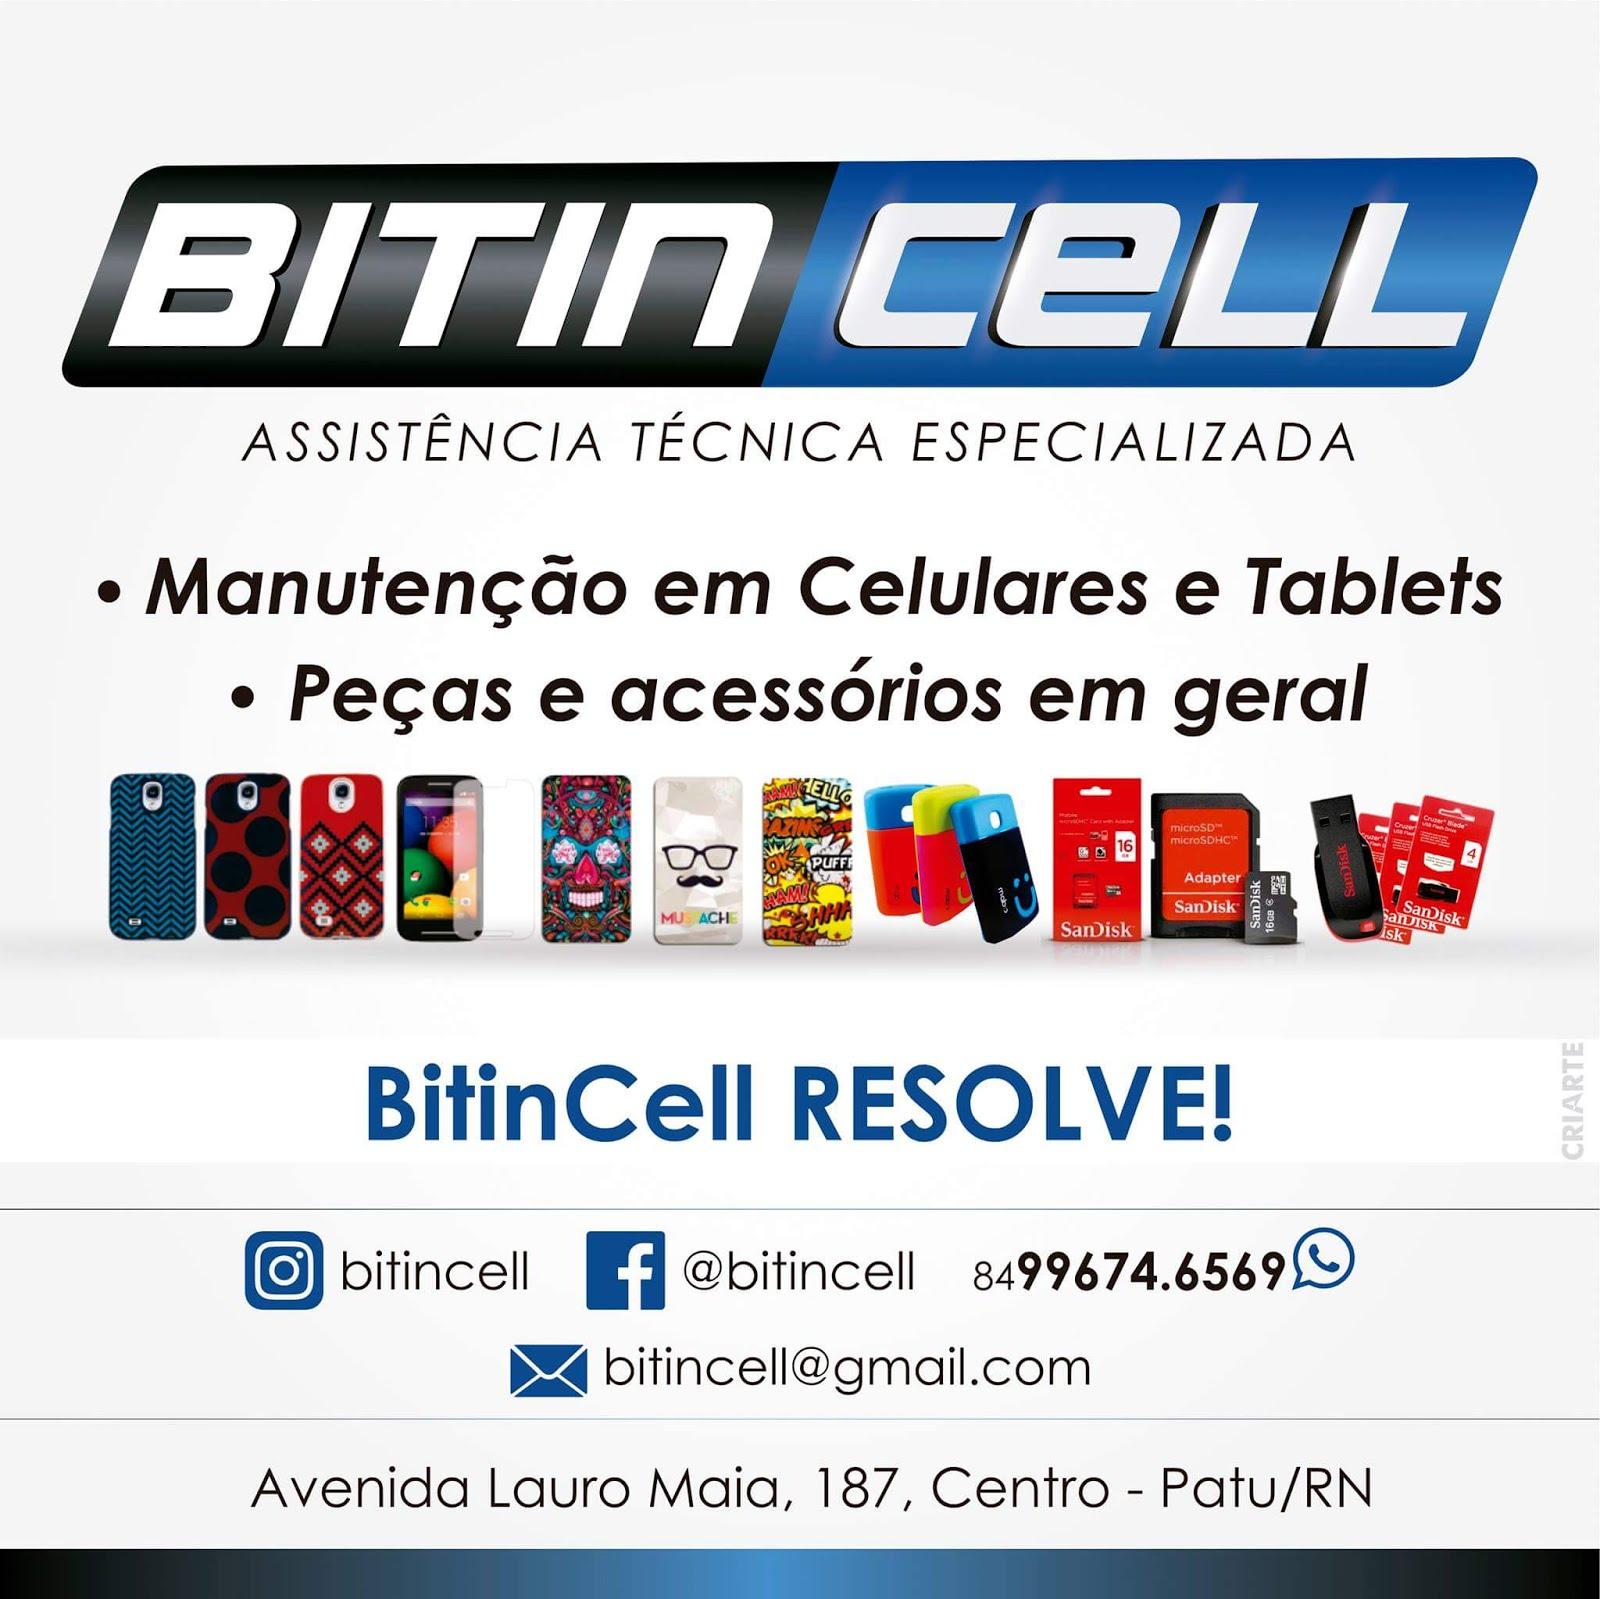 BitinCell